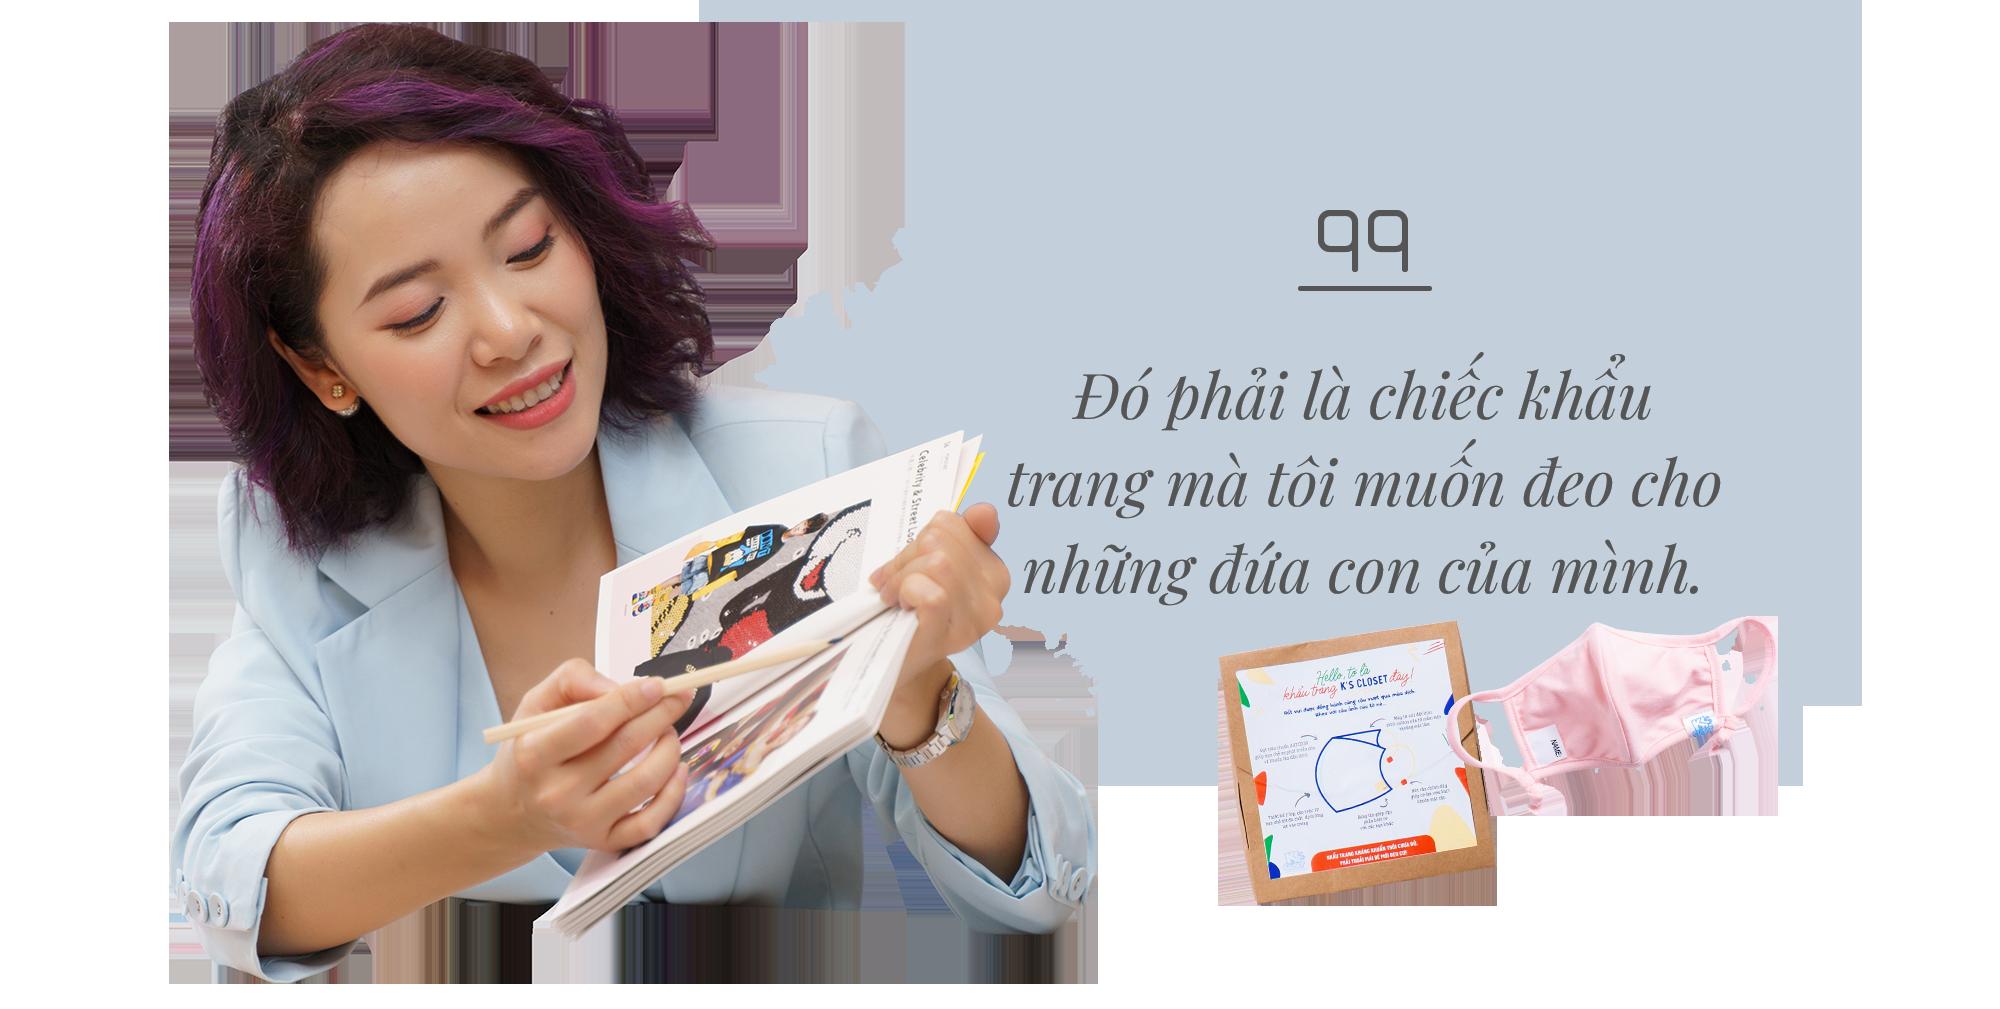 Ks Closet: Giấc mơ xây dựng thương hiệu thời trang trẻ em hàng đầu Việt Nam - 14